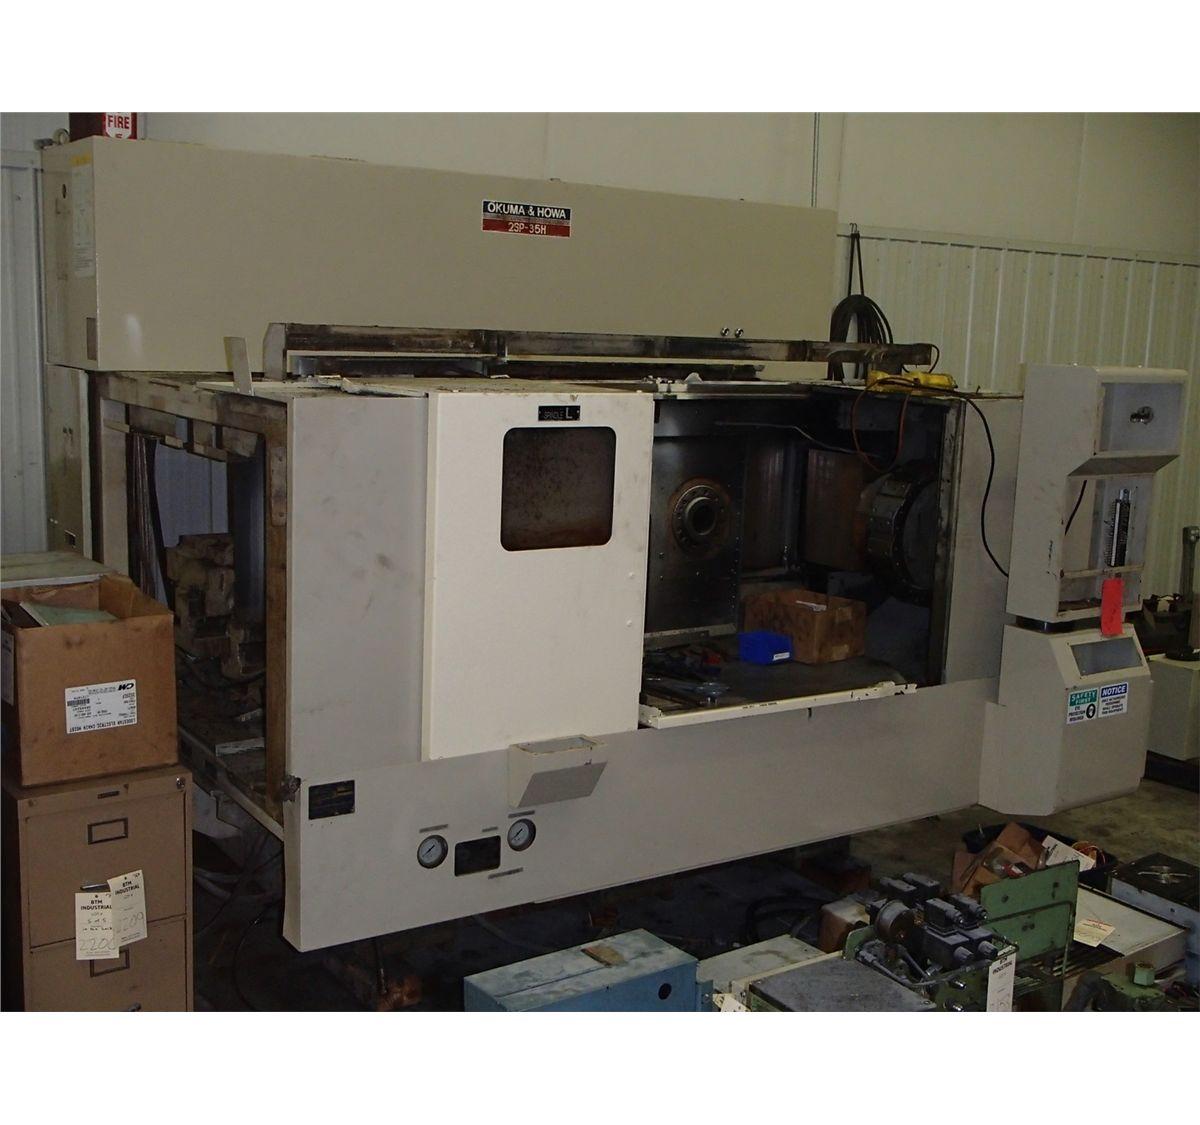 Okuma & Howa Lathe CNC Lathe Model 2SP-35H - Parts